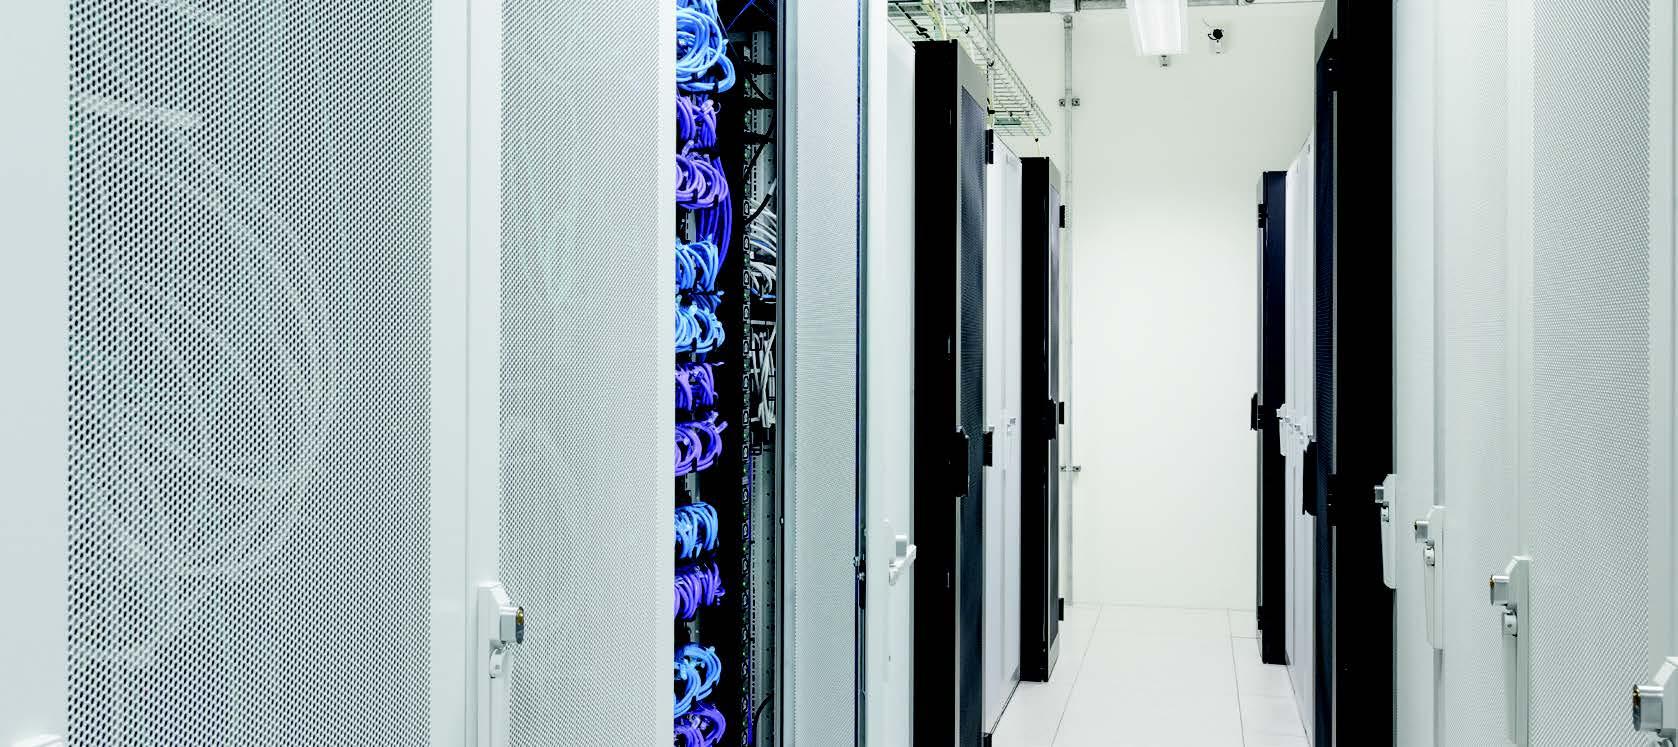 Sicheres Rechenzentrum - Technologien zum Schutz